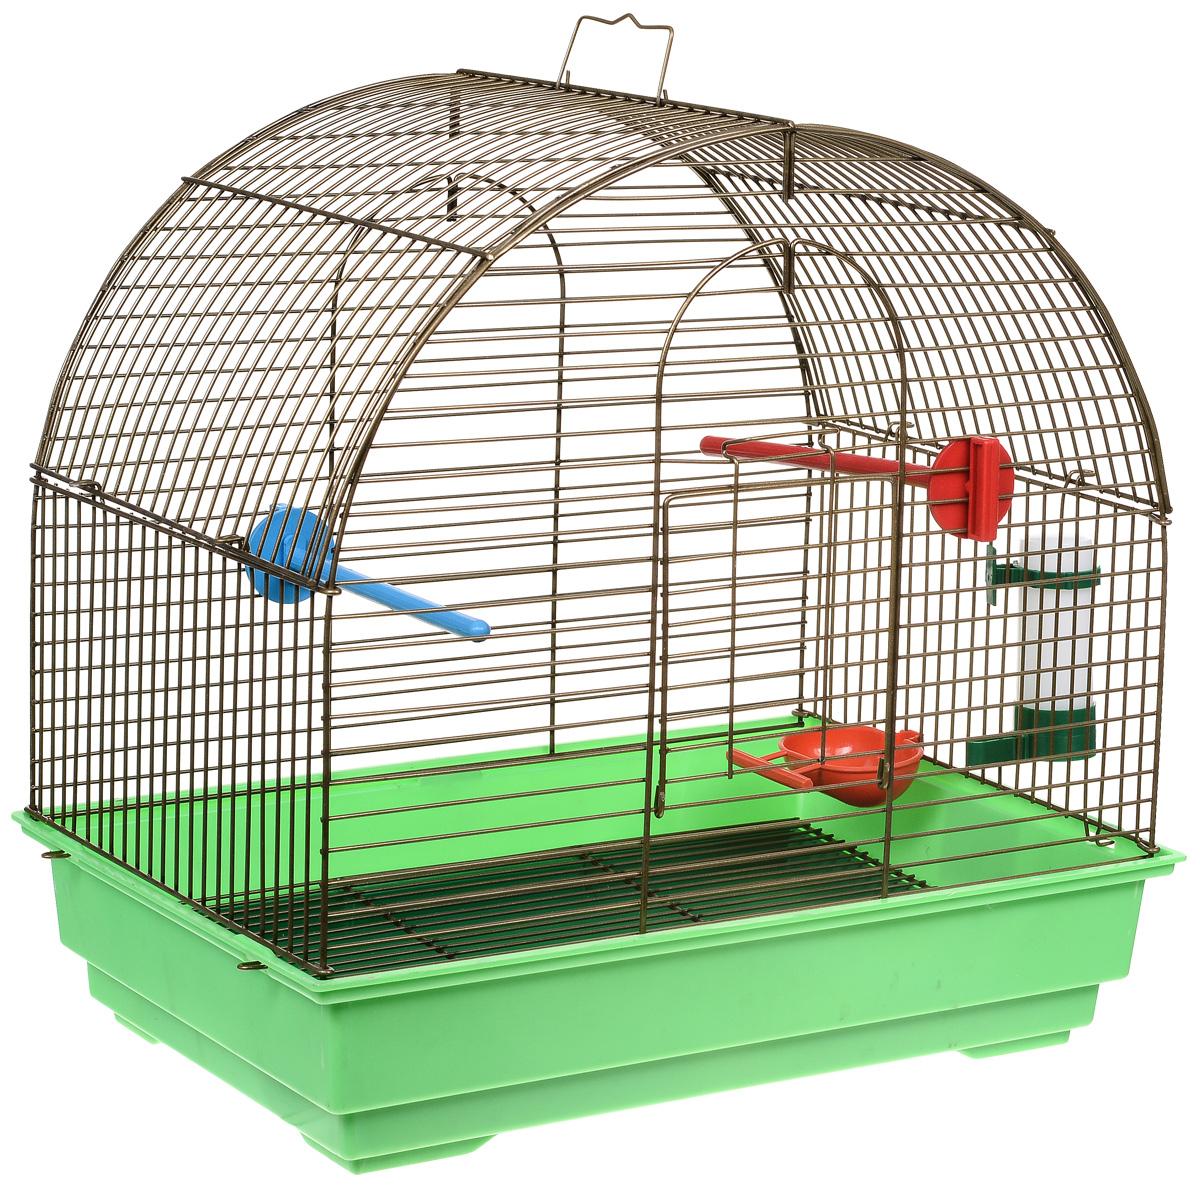 Клетка для птиц Велес Lusy Mini, разборная, цвет: золотистый, салатовый, 30 х 42 х 40 см клетка для грызунов велес с полками цвет серый 40 х 58 х 45 см